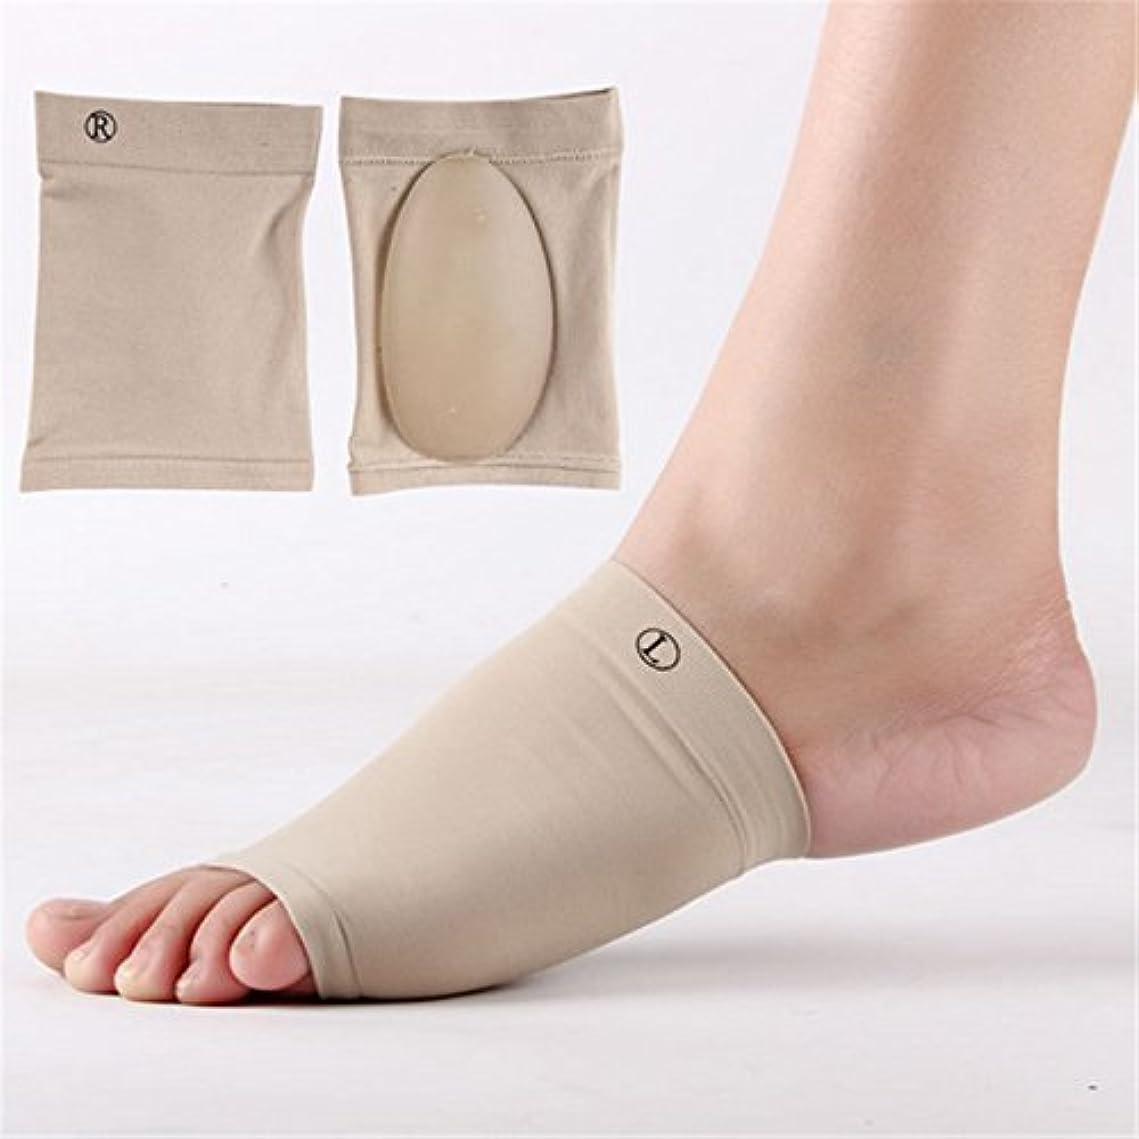 締め切りを除く郊外Lorny(TM)1Pairジェル足底筋膜炎アーチサポートスリーブアーチソックスかかとクッションフラット足の整形外科靴パッドフットケア [並行輸入品]